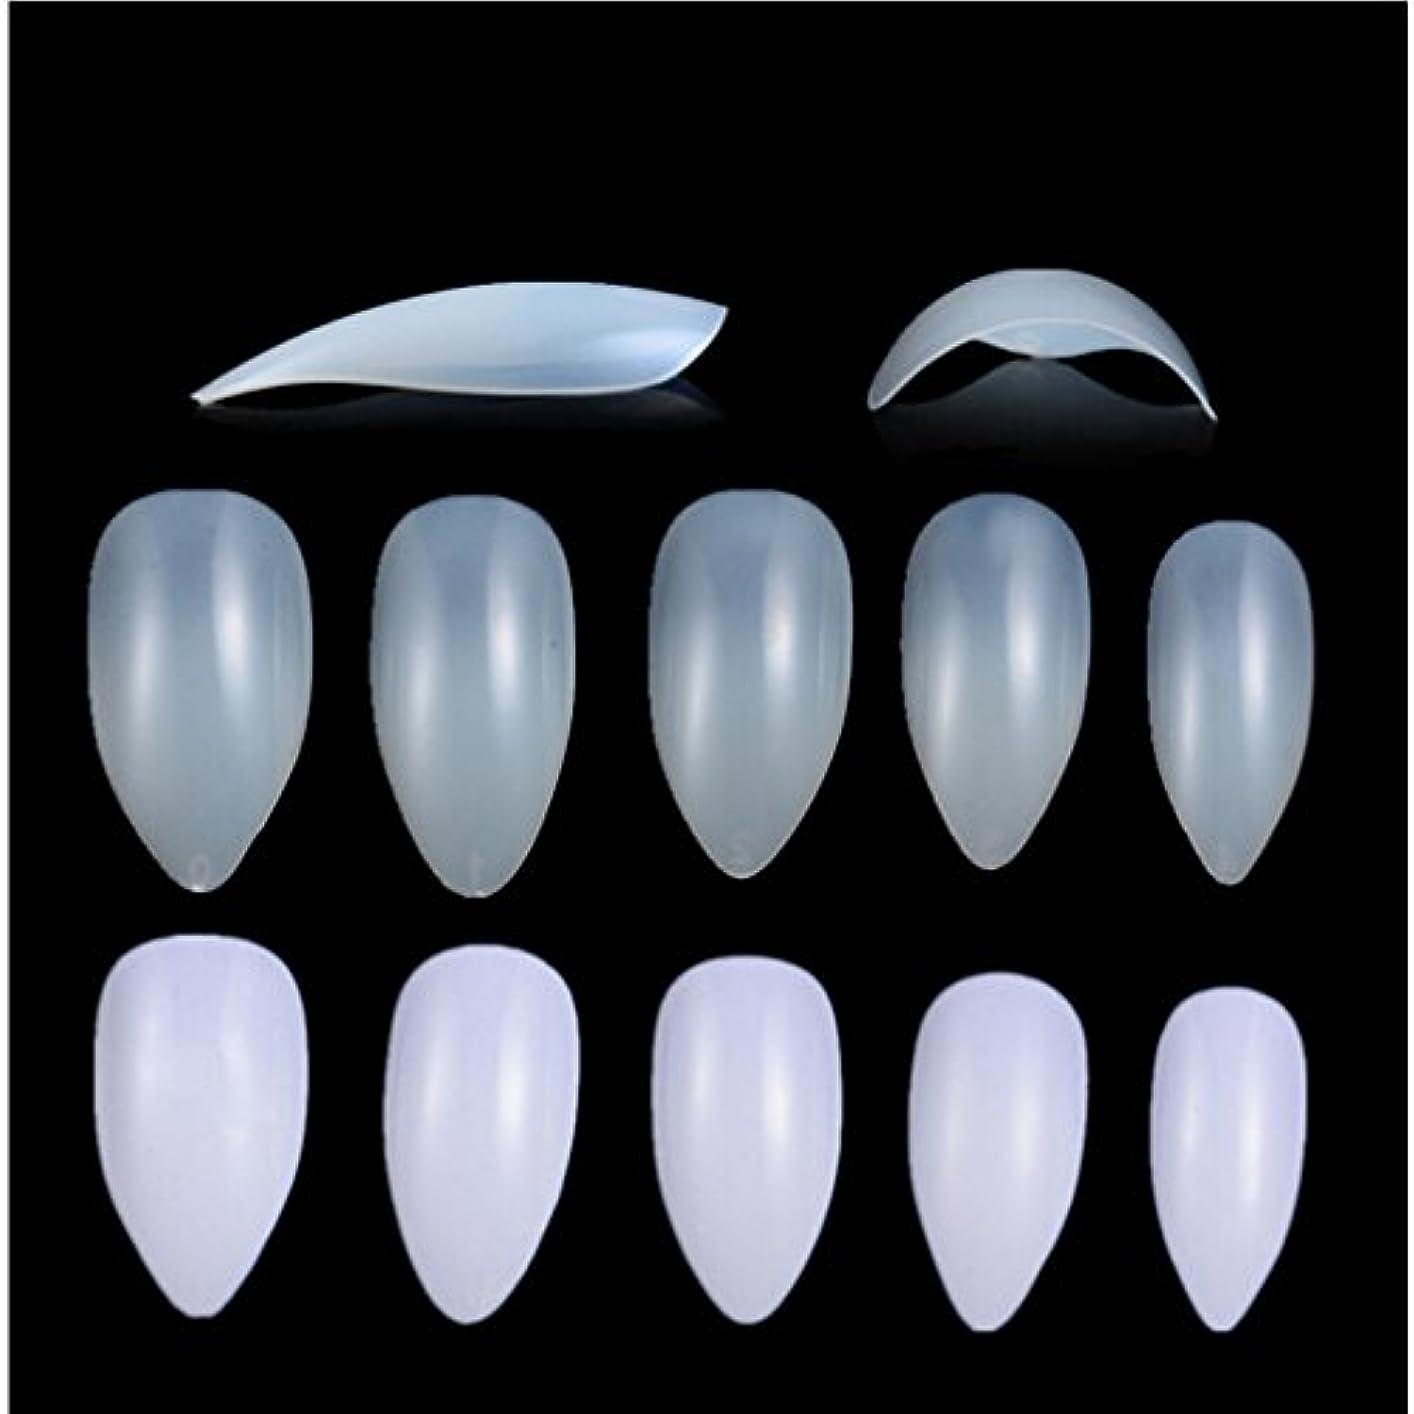 パレード法廷二年生Honel つけ爪 無地 ショート ネイルチップ クリア ネイルチップ 短い 600枚入れ 10サイズ 爪にピッタリ 付け爪 練習用 透明 シャープ ポイント (ハロウィン コスプレも対応できます)